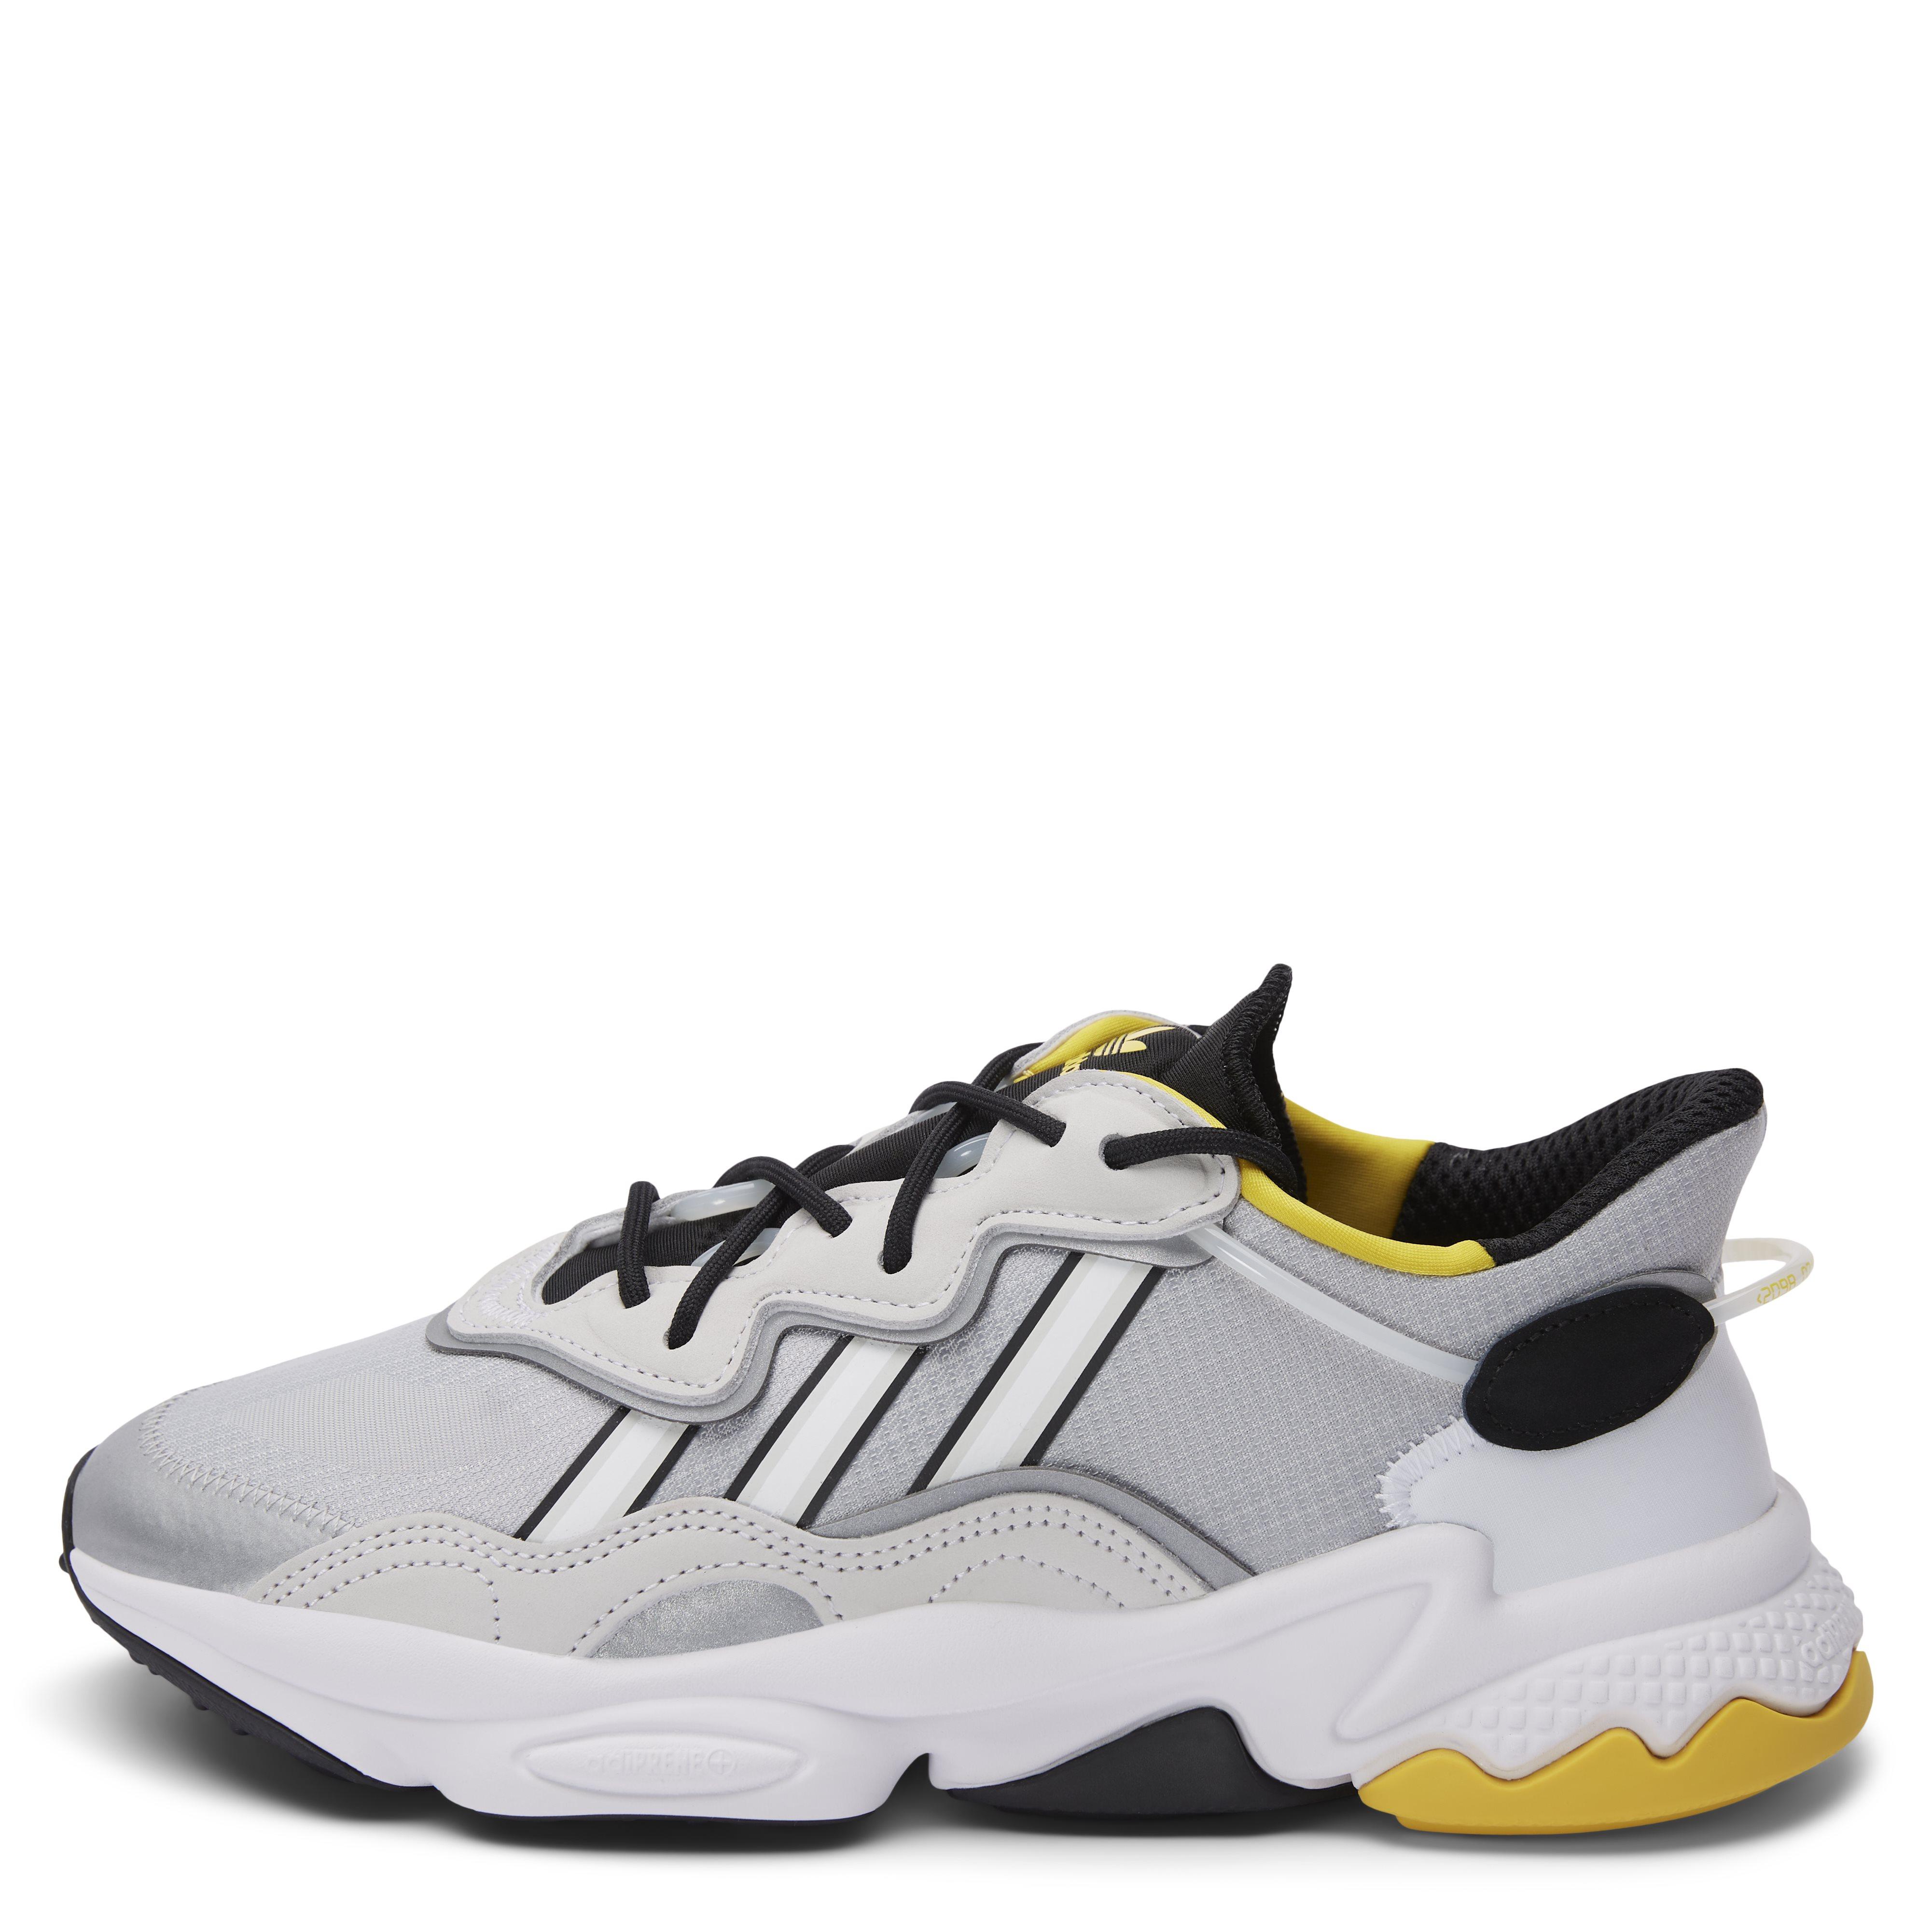 Ozweego Sneaker - Sko - Hvid